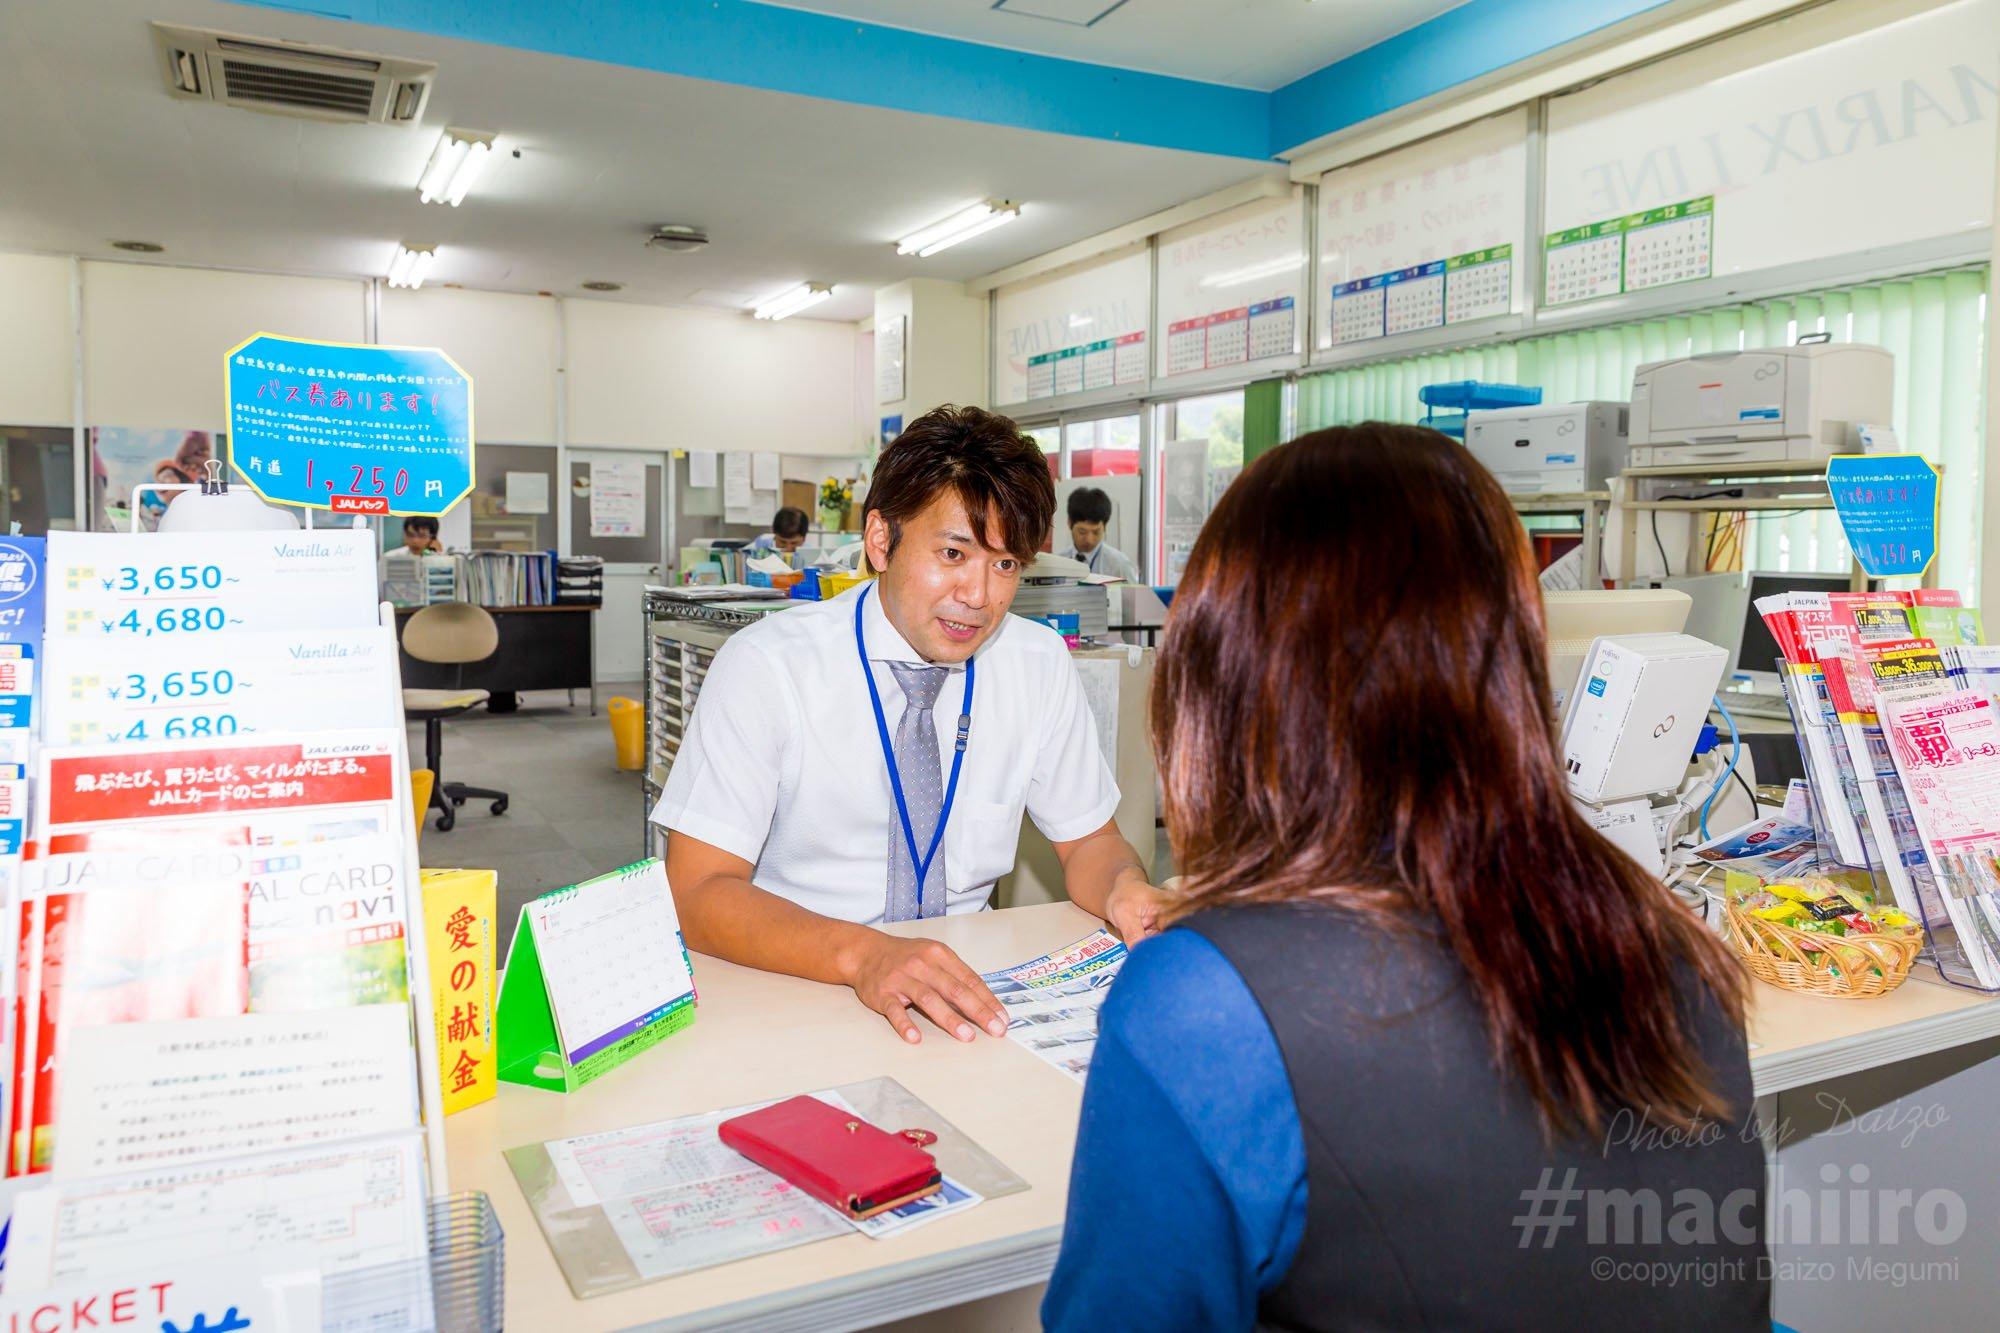 里見海運産業 Machiiro 記事写真 1